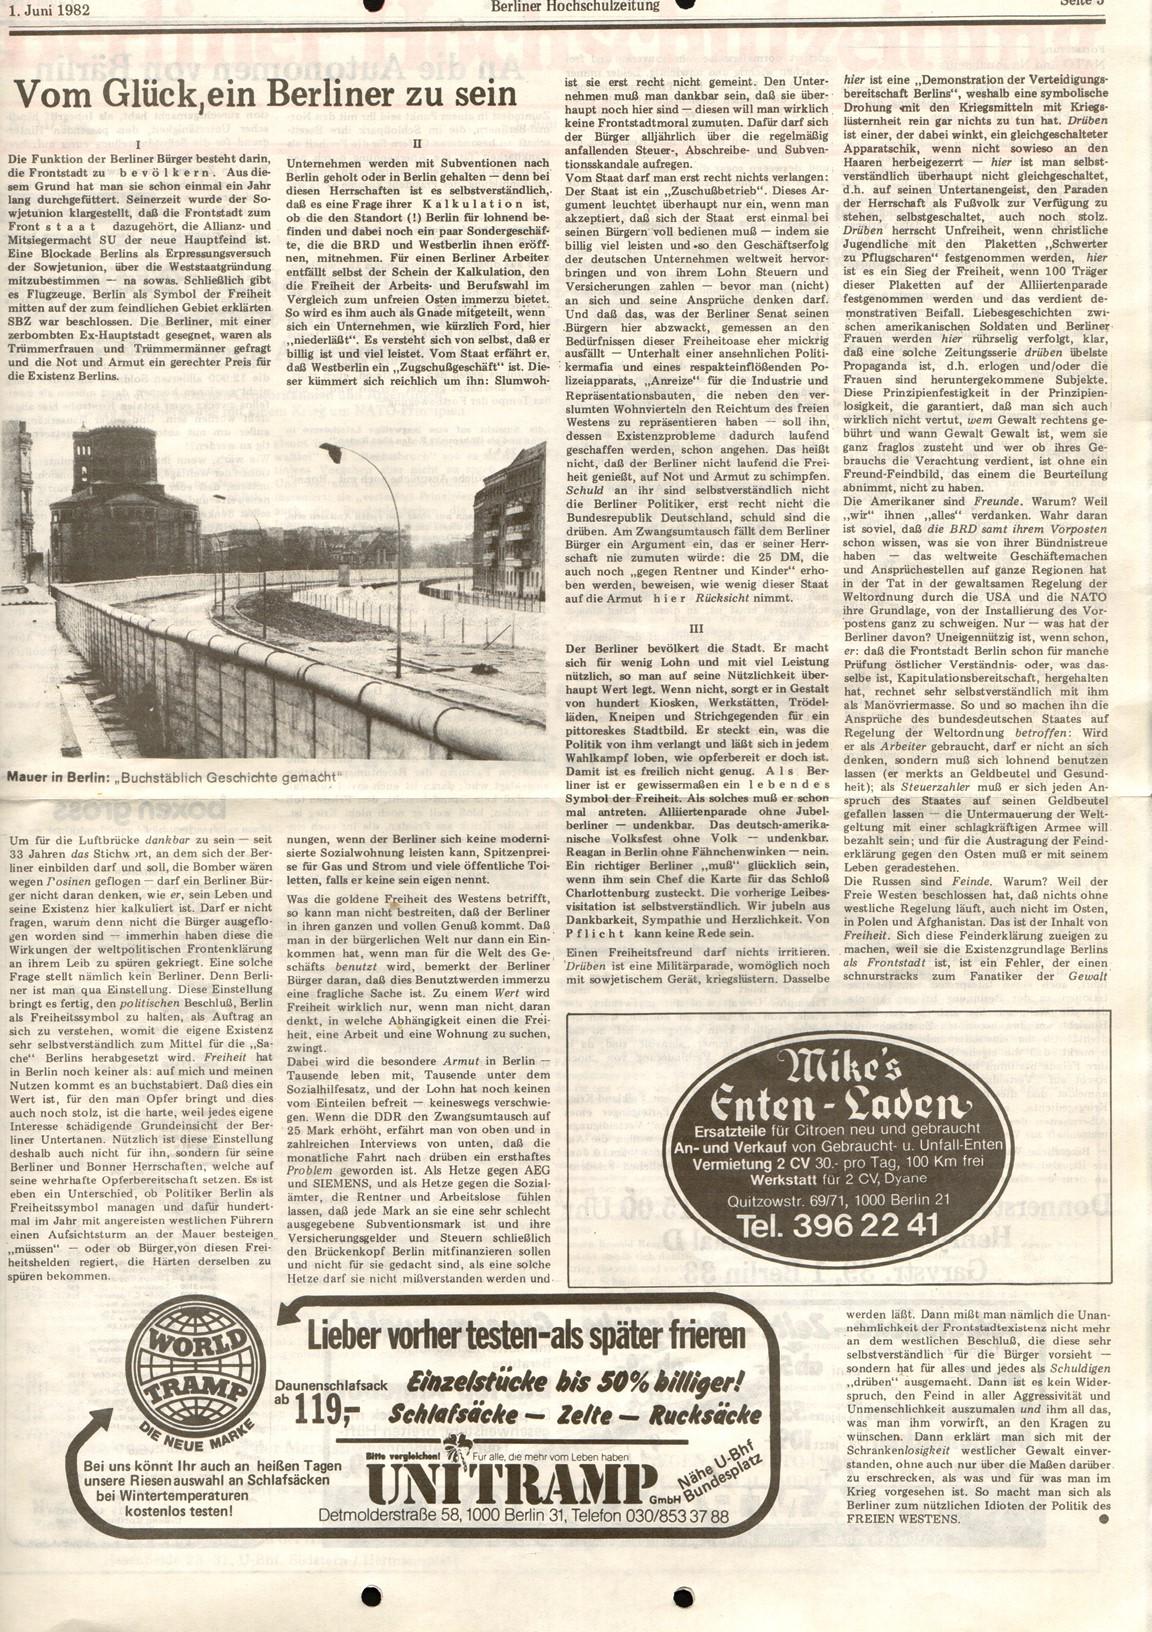 Berlin_MG_Hochschulzeitung_19820601_05